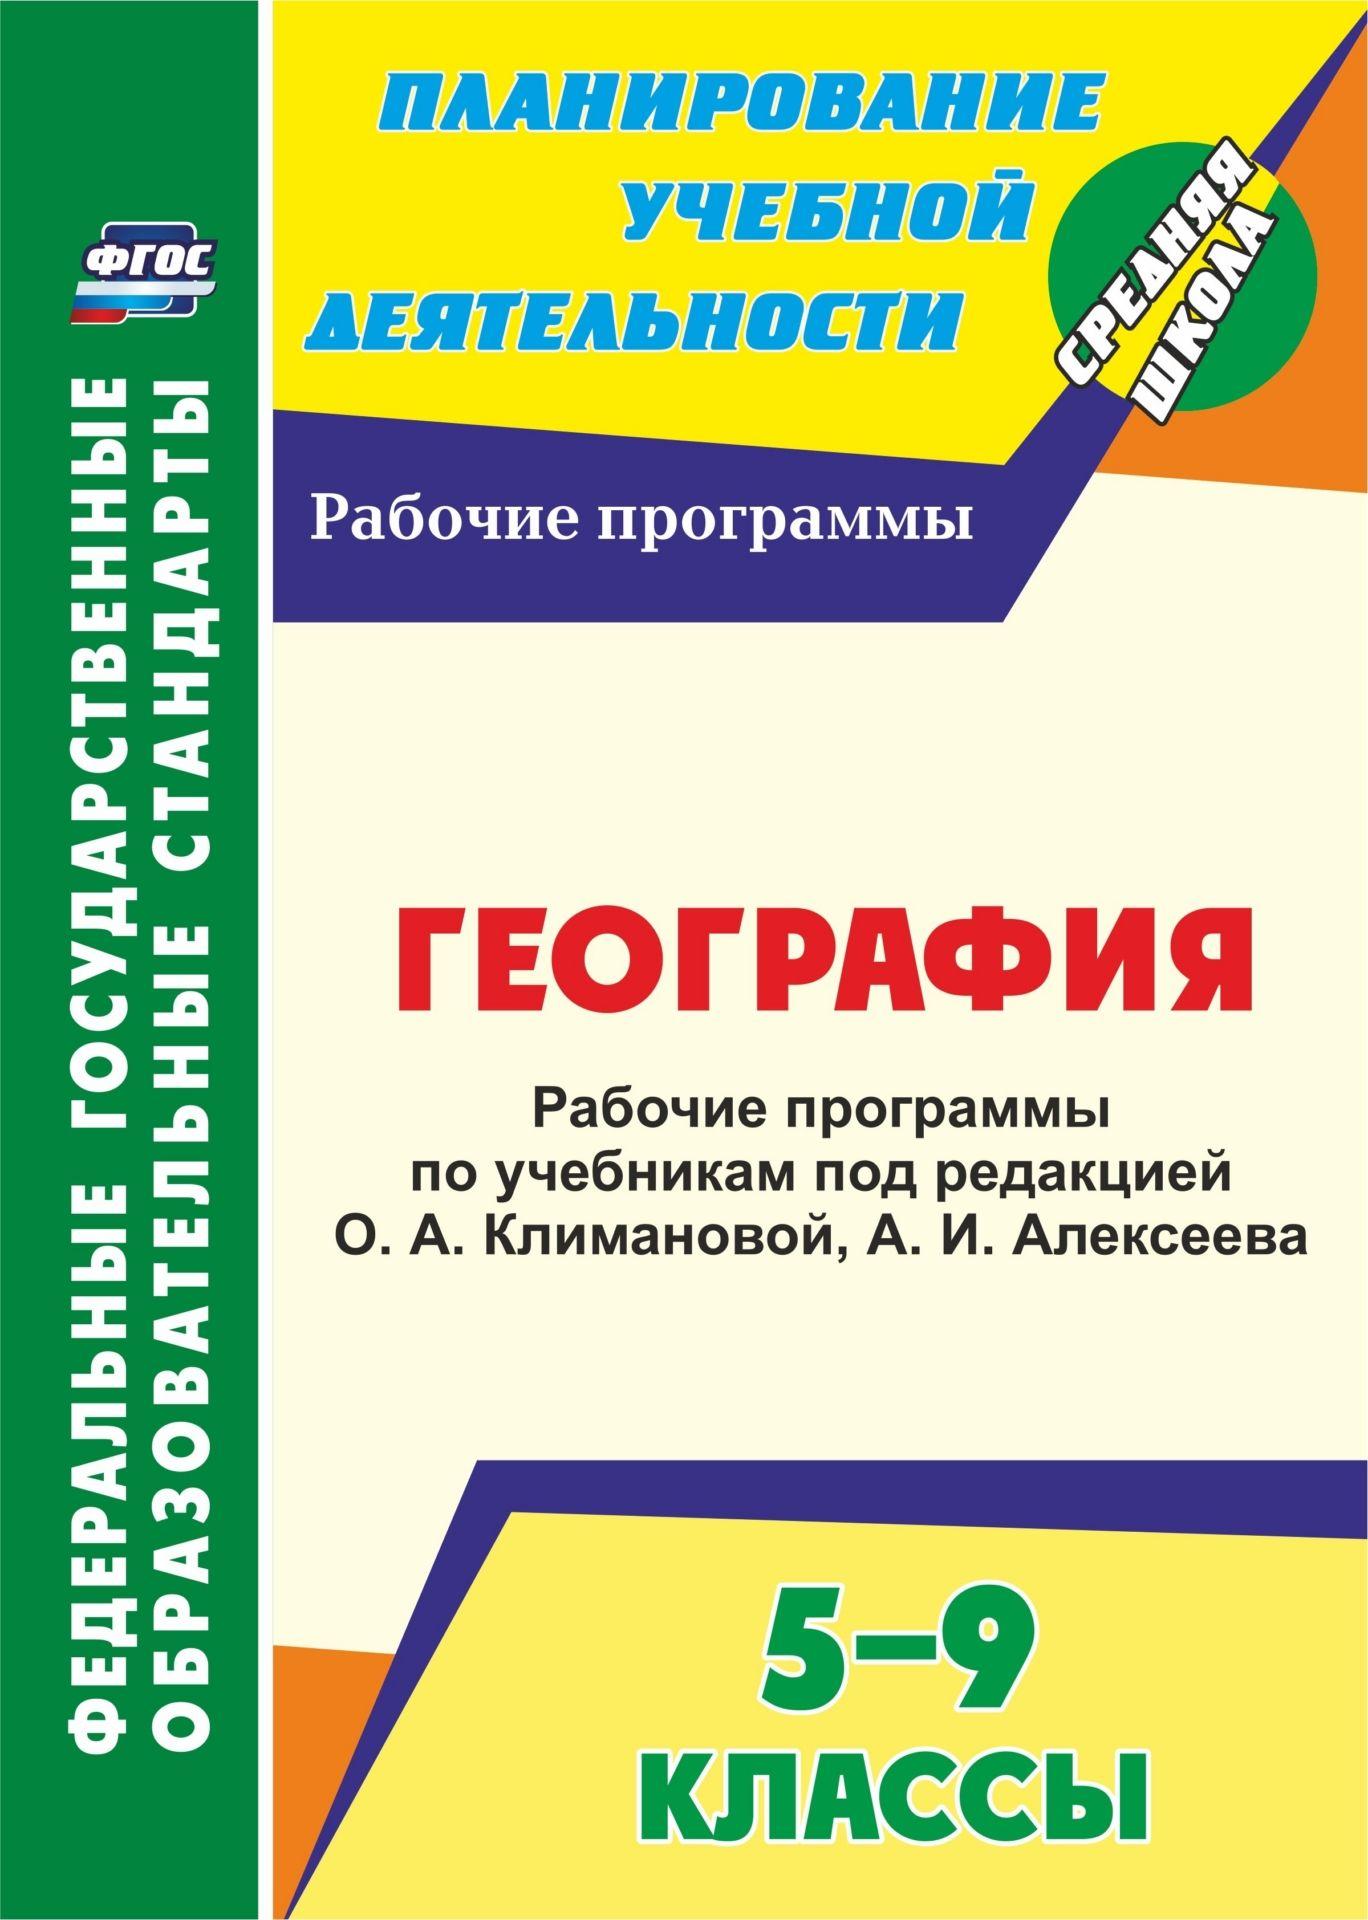 География. 5-9 классы. Рабочие программы по учебникам под редакцией О. А. Климановой, И. Алексеева